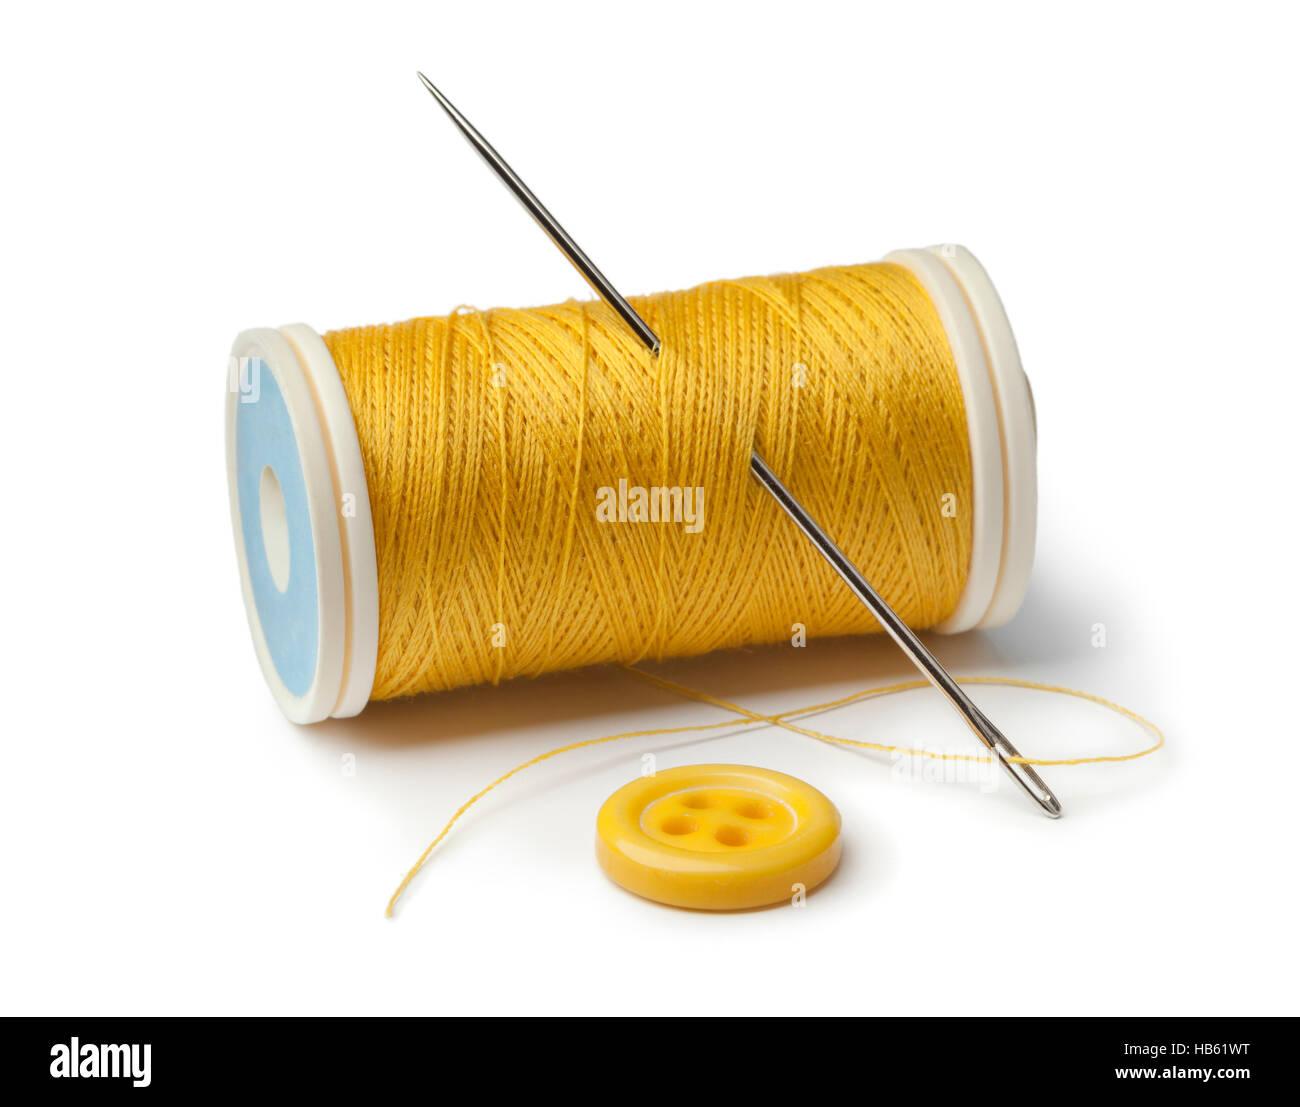 La canette jaune, l'aiguille et de couture bouton sur fond blanc Photo Stock